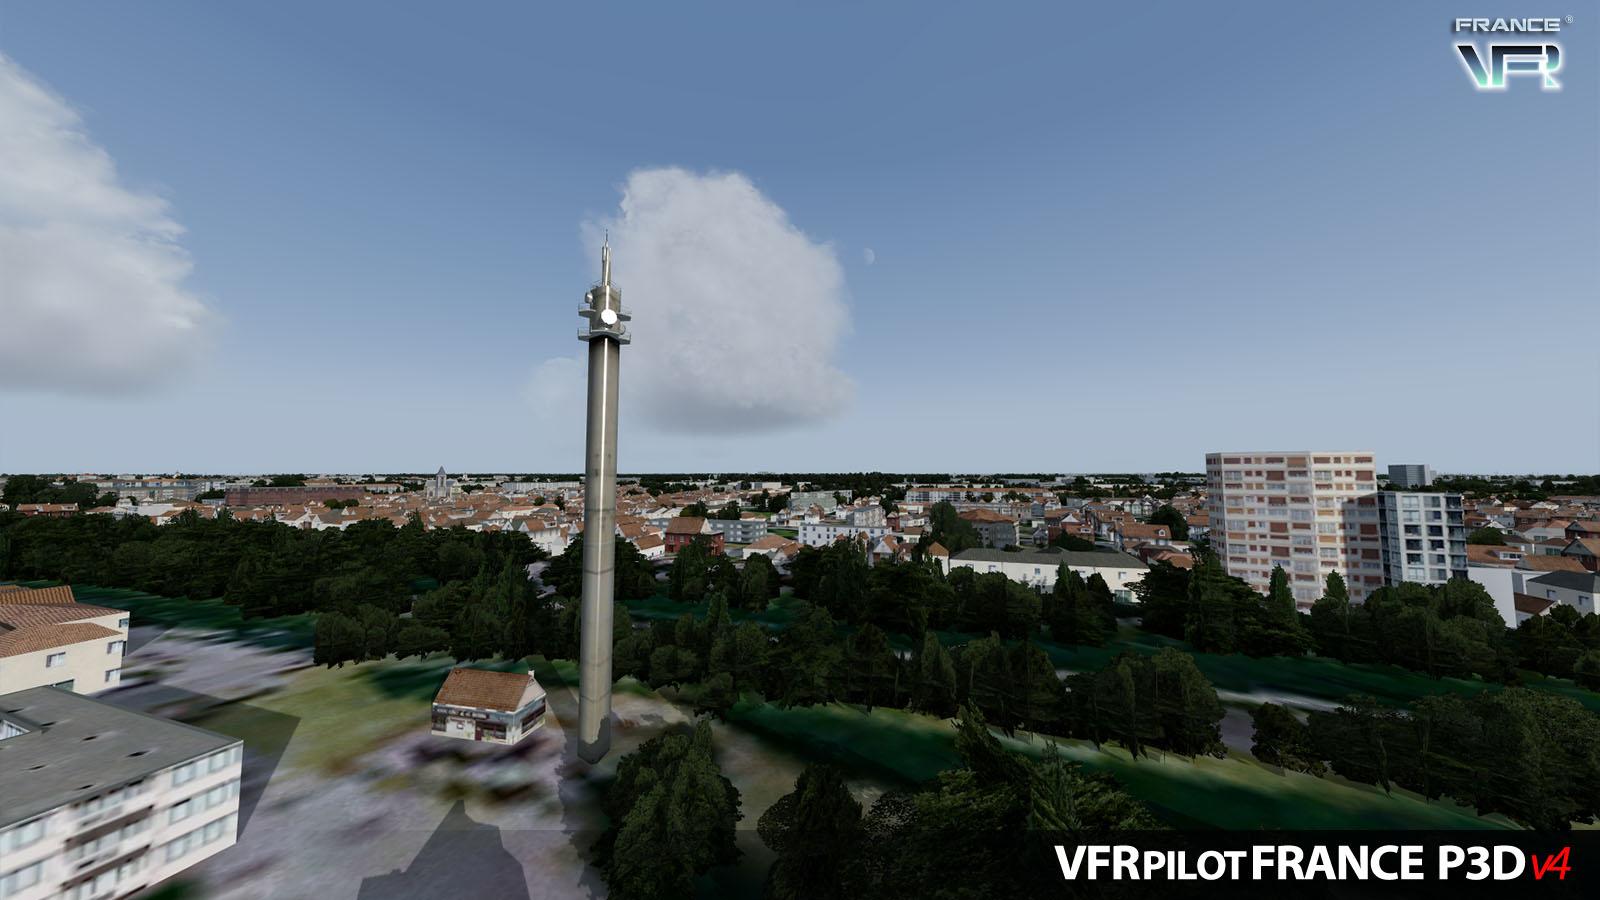 VFRFRAP3D_27.jpg